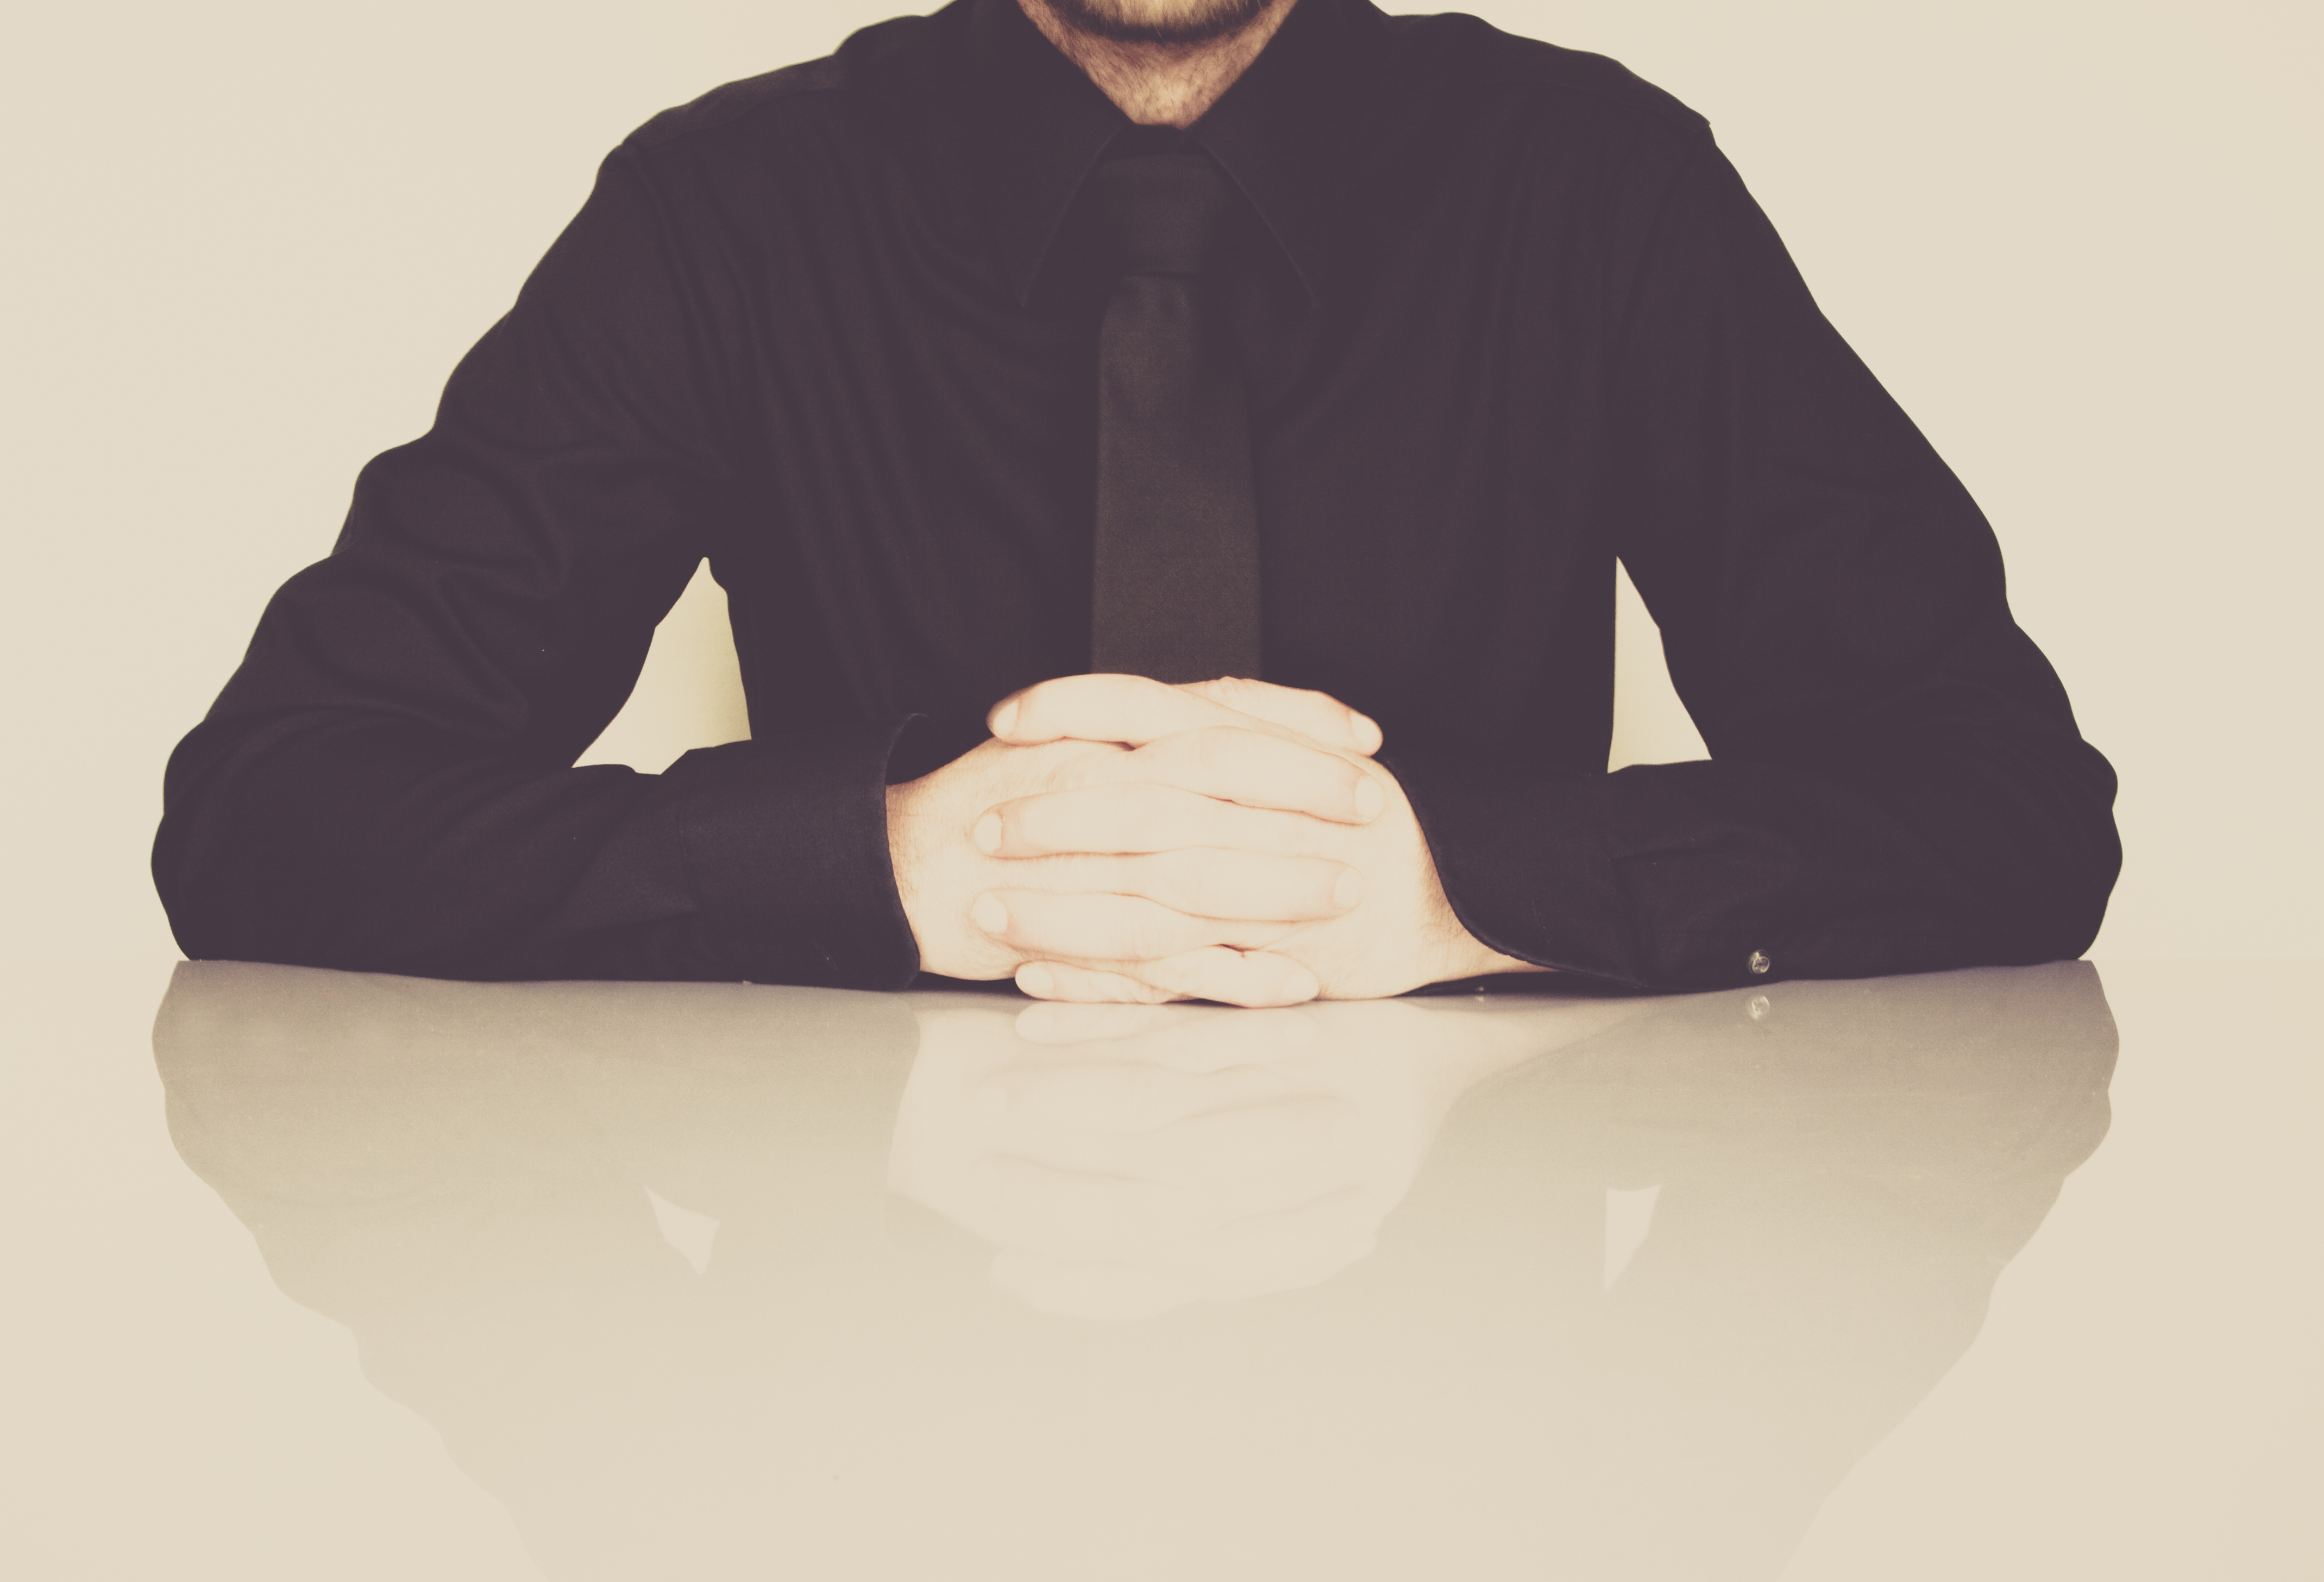 Bewerbung zum Projektmanager: Hilfreiche Tipps und Tricks